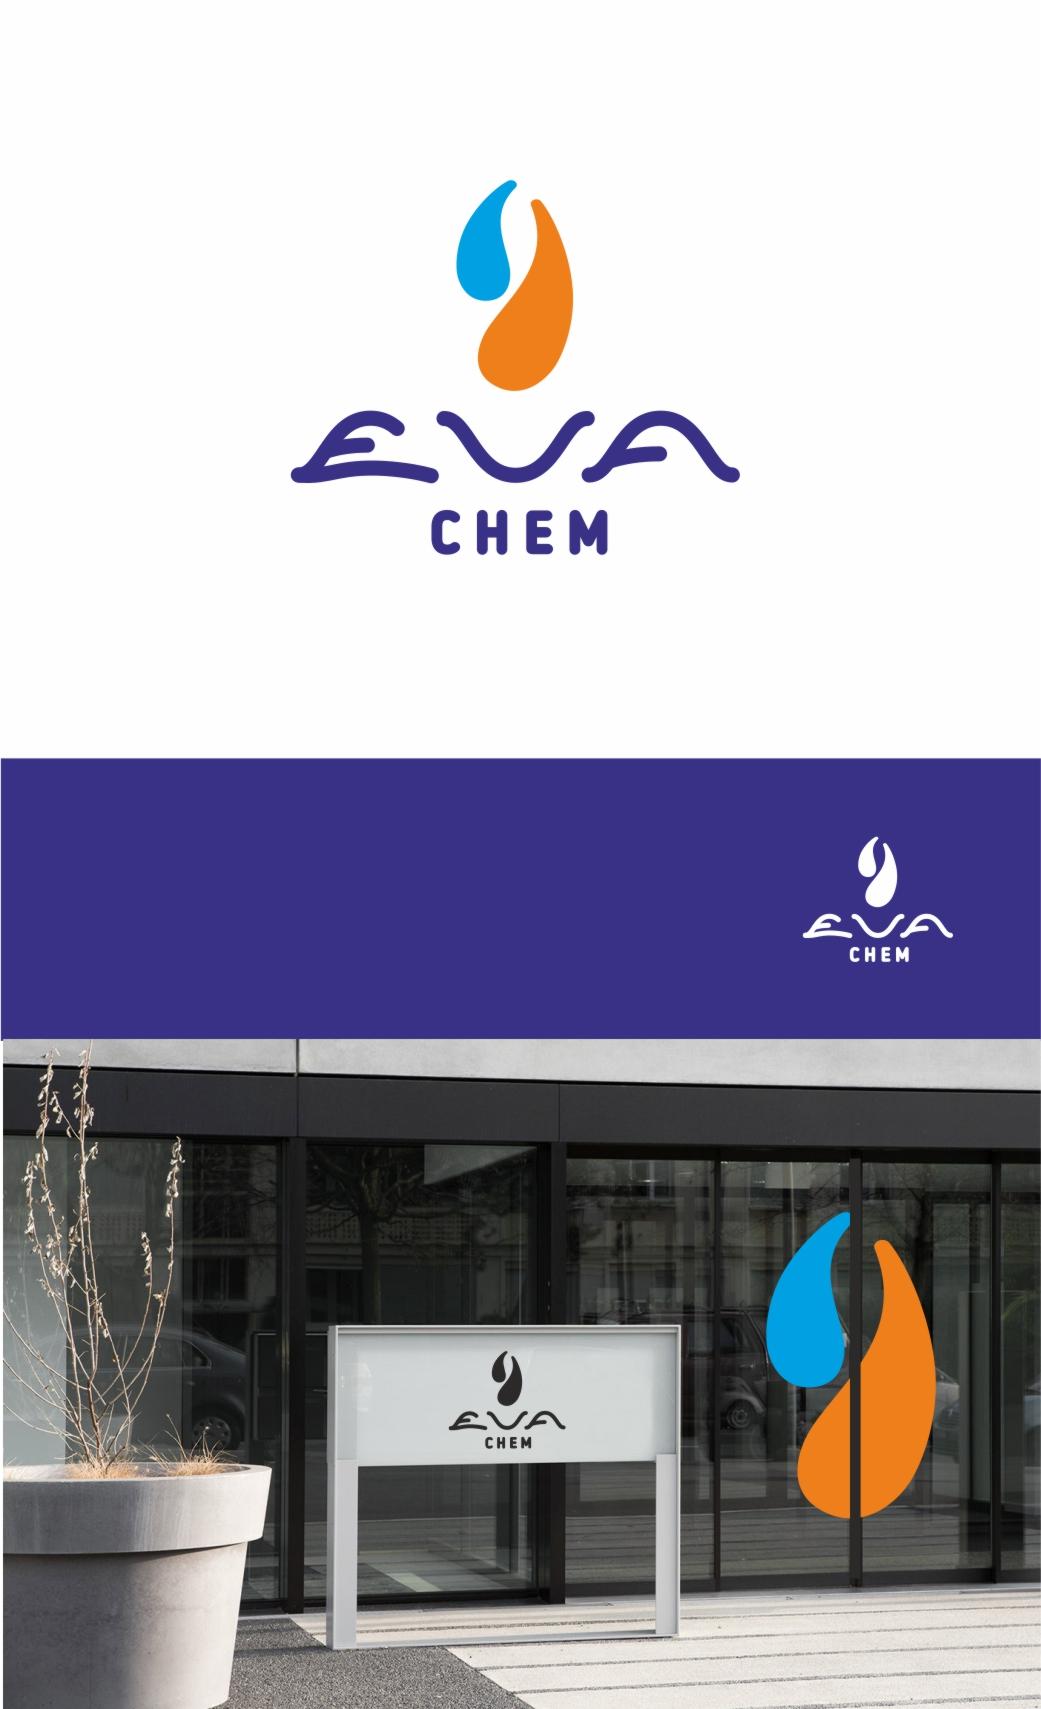 Разработка логотипа и фирменного стиля компании фото f_5855721e8d08f04f.jpg